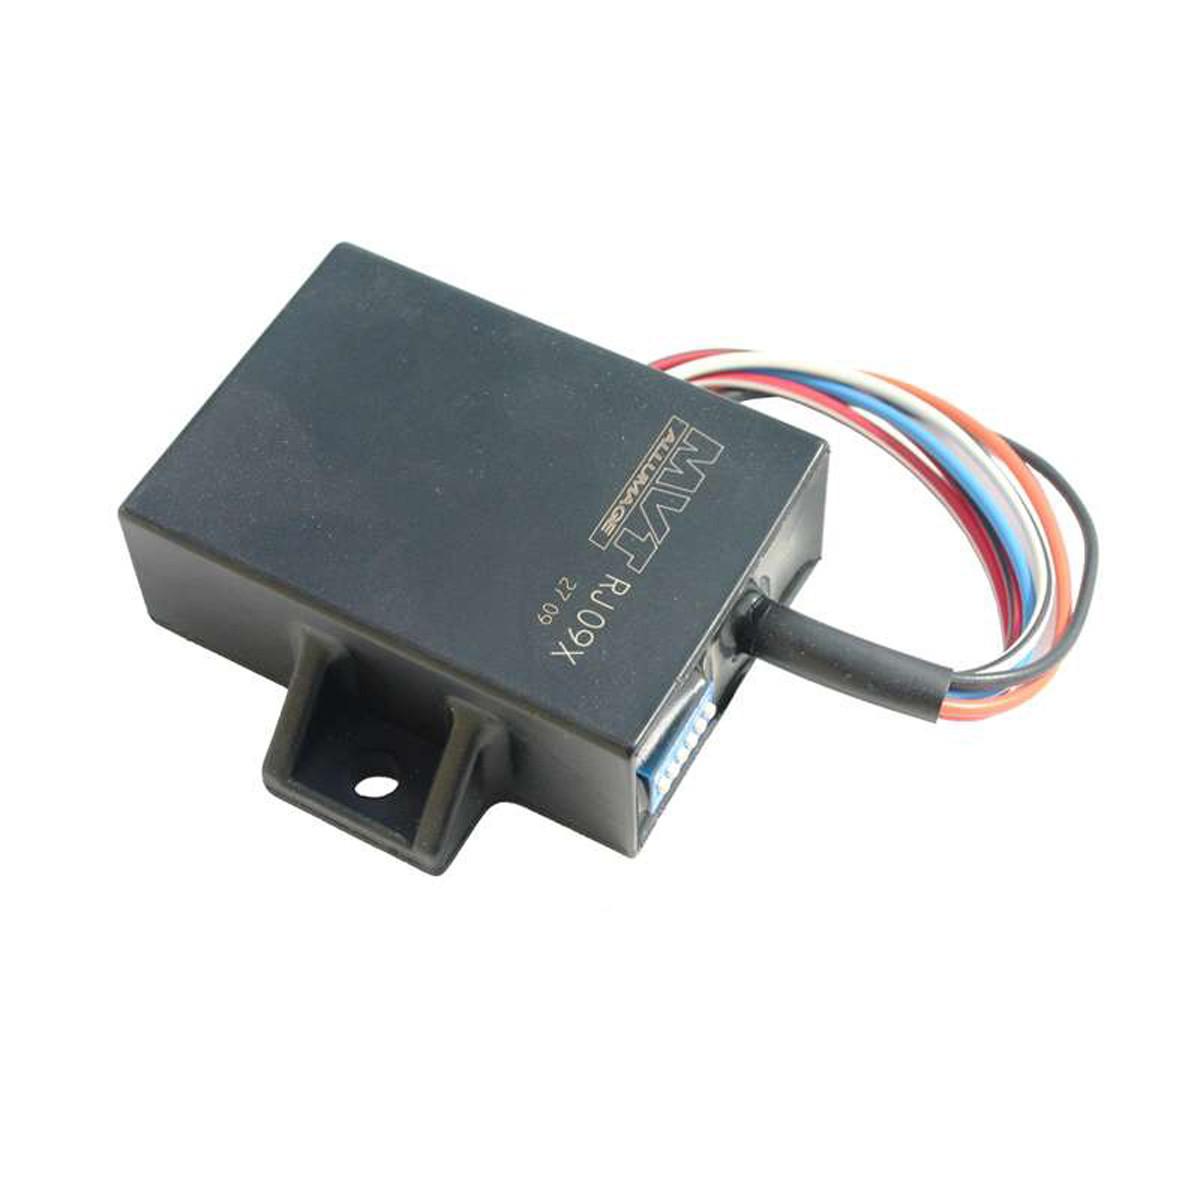 Calculateur Multicourbes DIGIMAX MBK Booster Nitro avant 2003 - MVT Millenium EXT106 / EXT107 / EXT 121